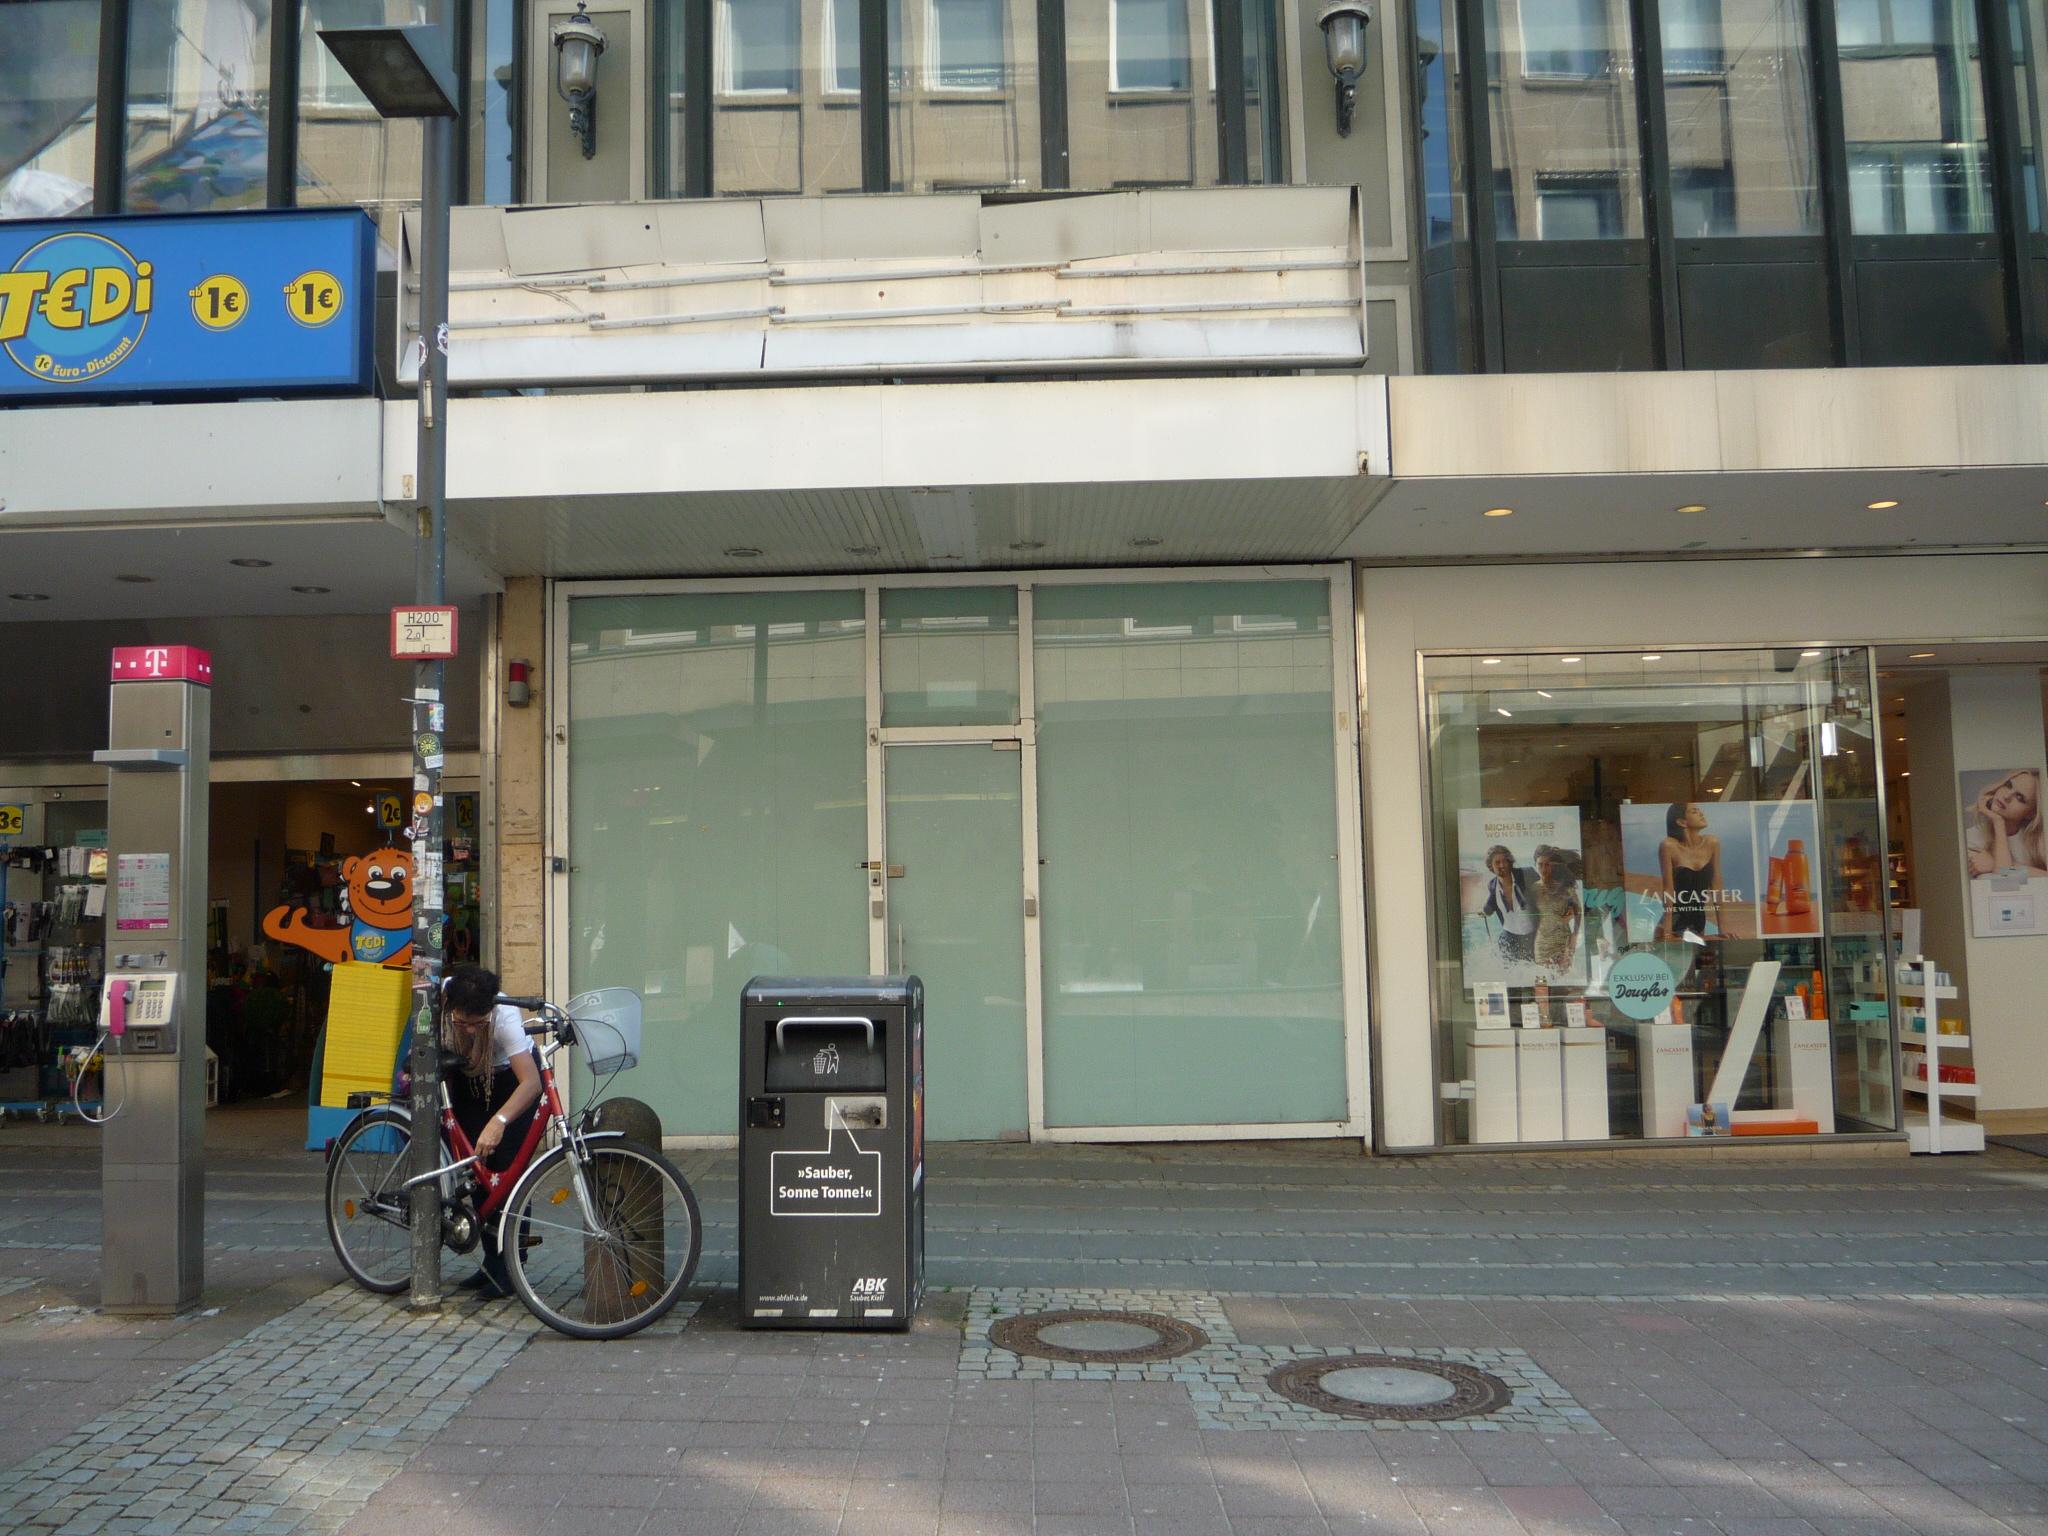 Leerstand in der Holstenstraße Kiel